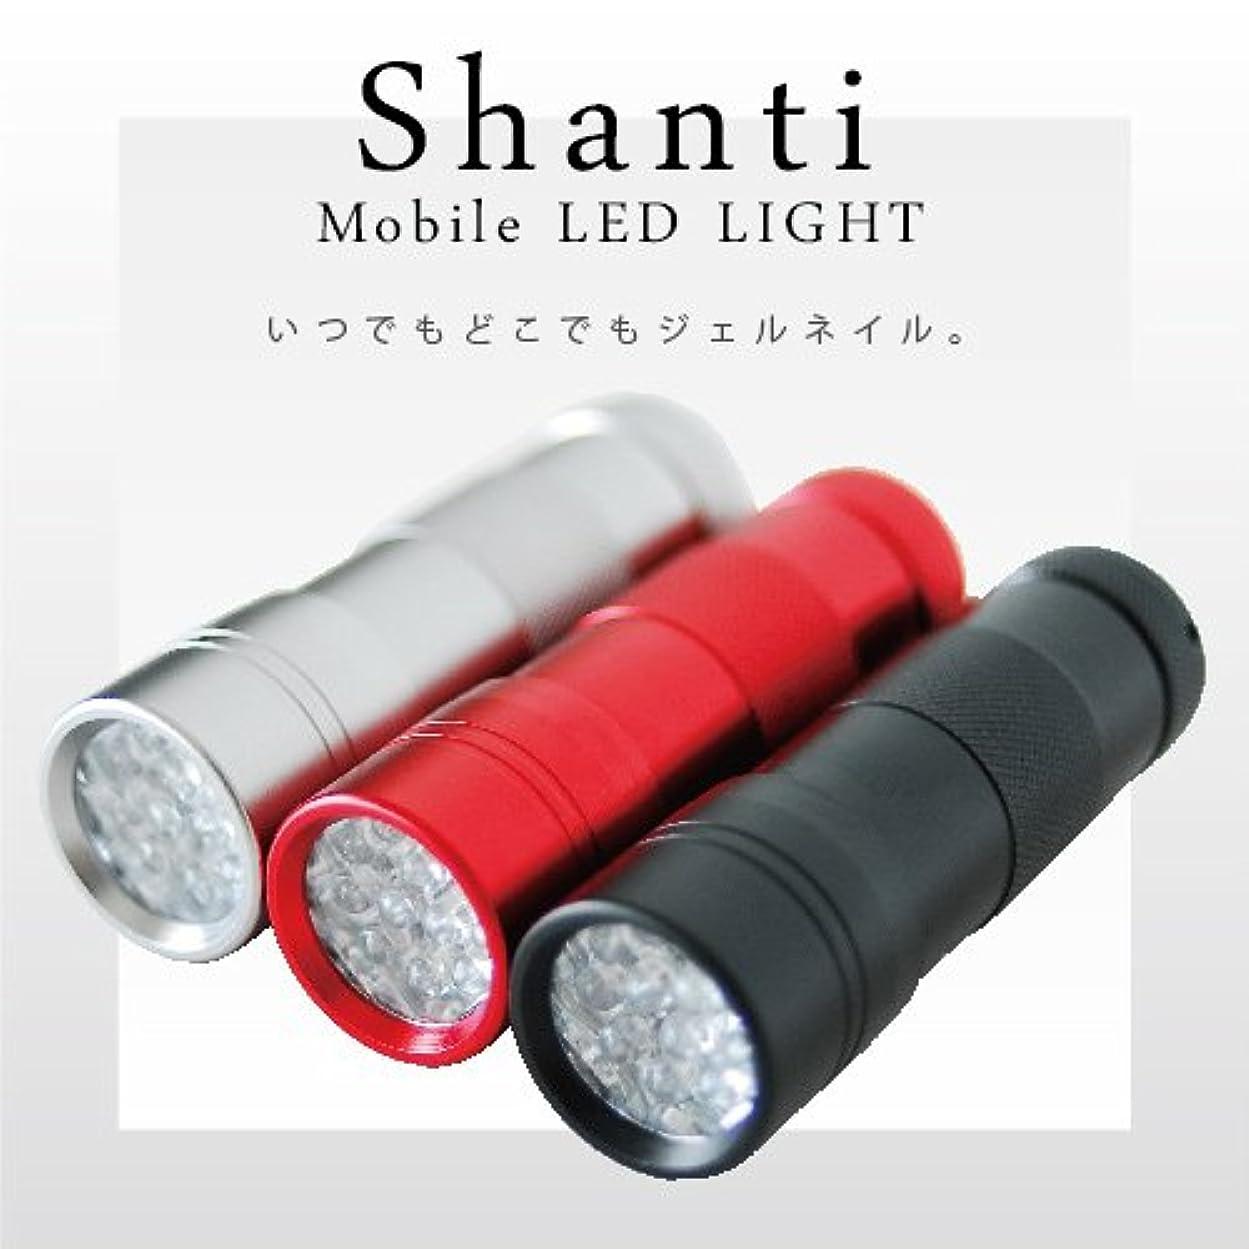 反動ハロウィン襟ジェルネイル用UVライト ペン型LEDライト Shanti Mobile LED ペン型ポータブルLEDライト カラー:シルバー  携帯用ハンドライト